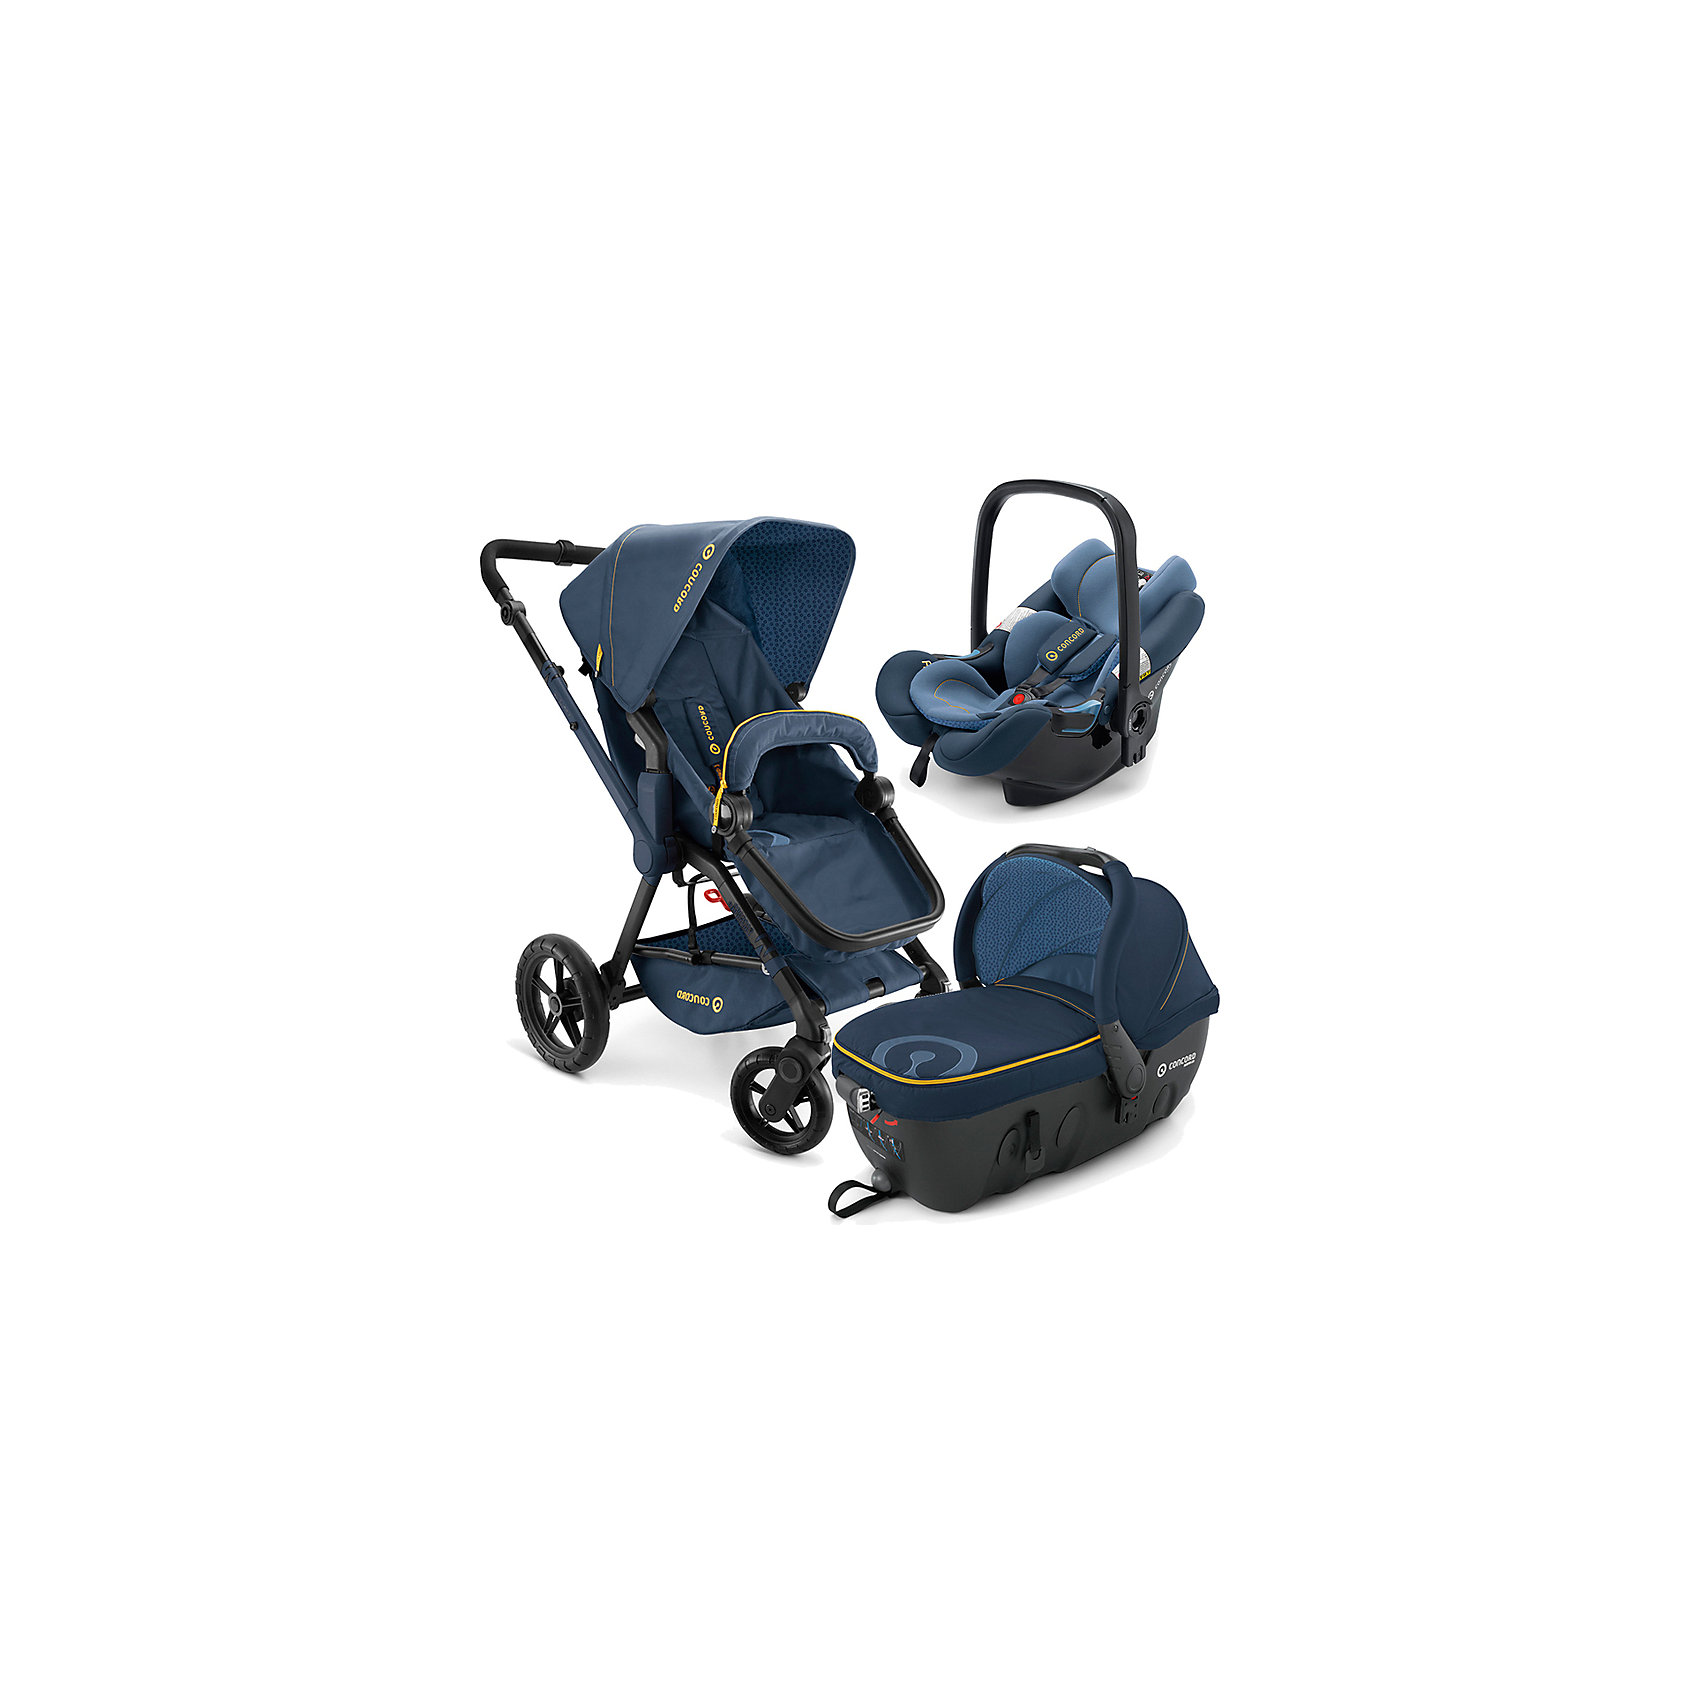 Коляска 3 в1 Wanderer Travel Set, Concord, Denim Blue 2015Характеристики коляски Concord Wanderer Travel Set для детей от рождения до 3-х лет<br><br>Люлька Concord Wanderer:<br><br>• пластиковый корпус с вентилируемыми отверстиями на дне;<br>• регулировка подголовника;<br>• хлопковый матрасик с чехлом, мягкий пояс на липучках;<br>• ручки для переноски люльки;<br>• обивка люльки съемная, стирка 30 градусов;<br>• крепится в автомобиле штатными ремнями безопасности;<br>• размер люльки: 88х44х62 см;<br>• вес: 6,3 кг.<br><br>Прогулочный блок:<br><br>• количество положений спинки: 3, вплоть до горизонтального;<br>• 5-ти точечные ремни безопасности с мягкими накладками;<br>• регулируемая подножка;<br>• реверсивный блок (лицом к маме, лицом к окружающему миру);<br>• бампер съемный;<br>• чехлы съемные, стирка 30 градусов;<br>• положение капюшона: 4 положения, УФ-защита 50+;<br>• ширина сиденья: 33 см;<br>• высота спинки: 45 см;<br>• длина спального места: 75 см;<br>• вес: 13,5 кг.<br><br>Автокресло Concord Air:<br><br>• группа: 0-0+;<br>• возраст ребенка: от рождения до 12 месяцев;<br>• вес ребенка: до 13 кг;<br>• способ установки: по ходу и против хода движения;<br>• способ крепления: штатные ремни безопасности автомобиля;<br>• встроенные 5-ти точечные ремни с мягкими накладками;<br>• защита от боковых ударов;<br>• вкладыш для новорожденного;<br>• съемные чехлы, стирка 30 градусов;<br>• размер автокресла: 63x44x57 см;<br>• вес: 2,9 кг.<br><br>Рама коляски: <br><br>• высота перекидной ручки коляски регулируется;<br>• амортизаторы, подшипники;<br>• передние поворотные колеса с функцией блокировки;<br>• ножной тормоз;<br>• тип складывания: книжка;<br>• высота ручки: 73-102 см;<br>• ширина колесной базы: 60 см;<br>• диаметр колес: 20 и 30 см.<br><br>Размеры коляски Конкорд:<br><br>• в разложенном виде: 104x60x102 см;<br>• в сложенном виде: 69x50x39 см;<br>• вес: 13,5 кг.<br><br>Комплектация: <br><br>• люлька с накидкой;<br>• прогулочный блок, бампер, чехол на ножки;<br>• капюшо